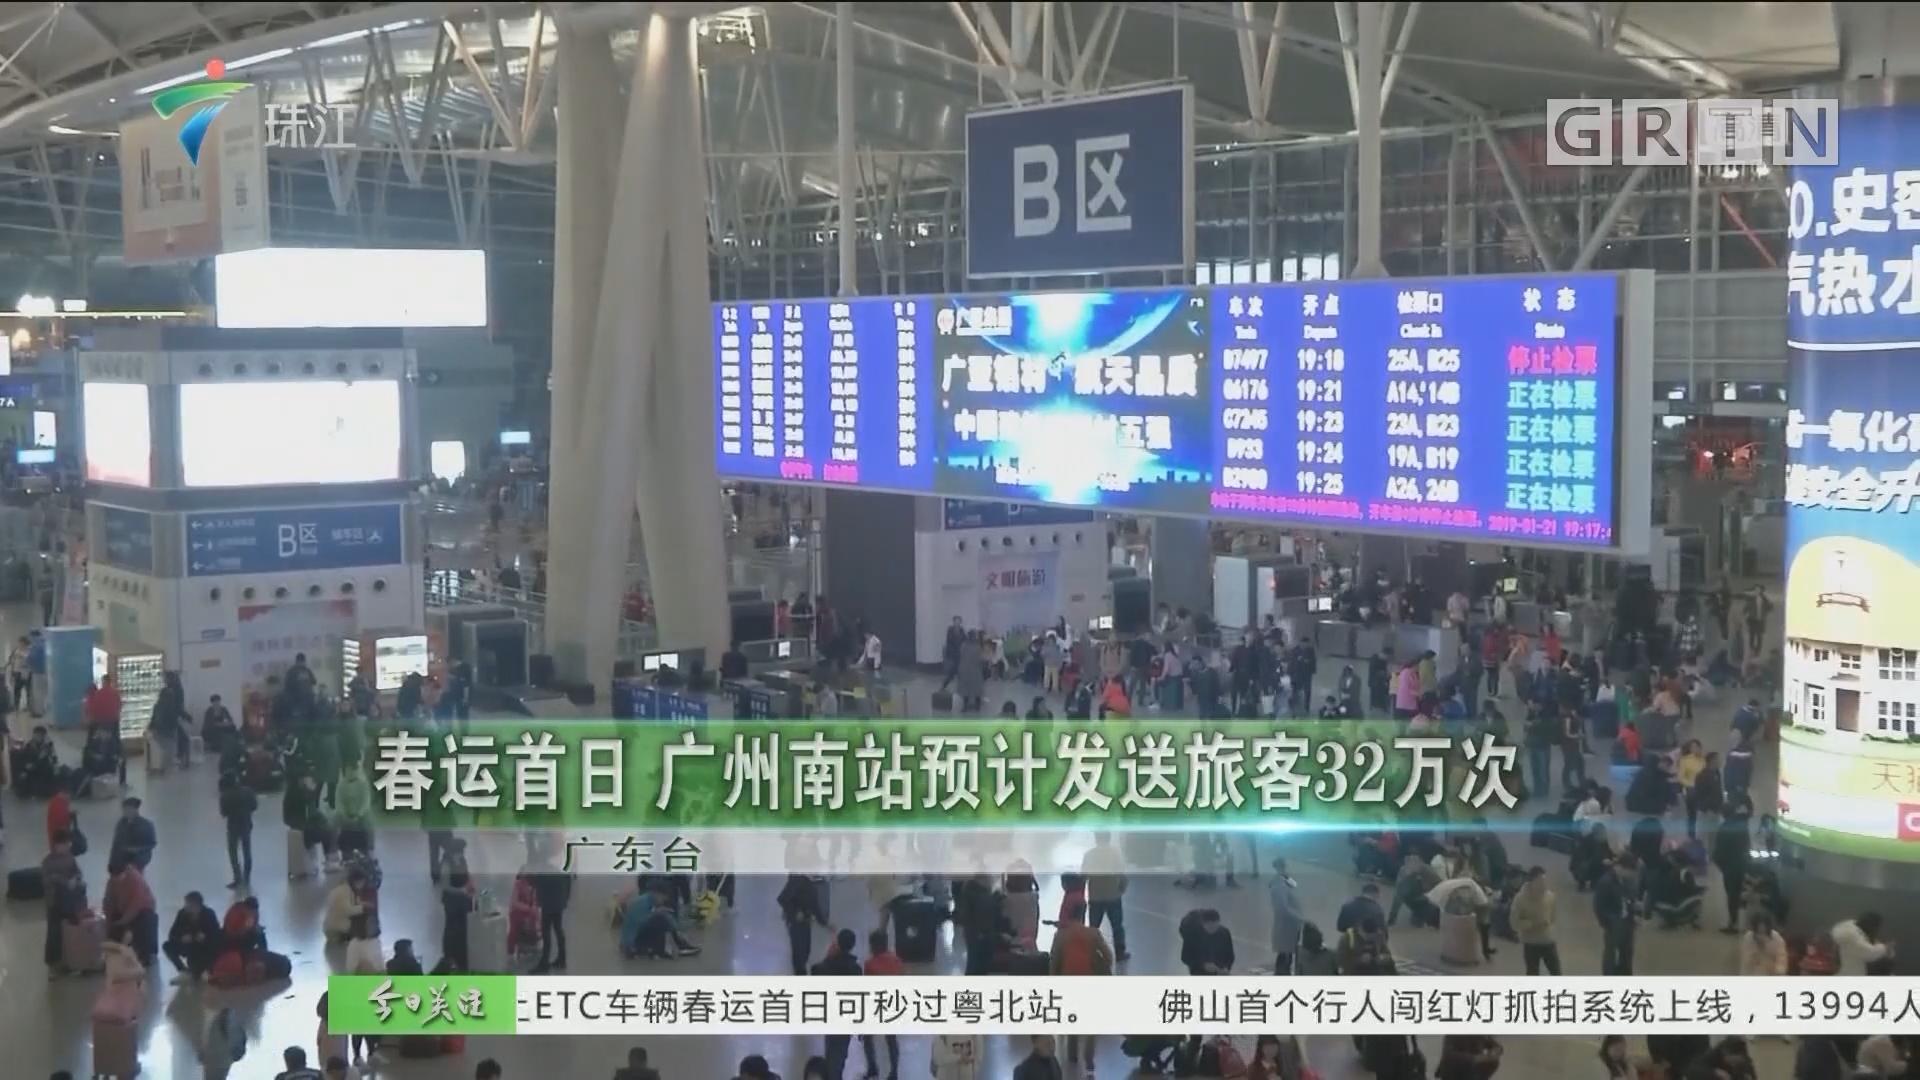 春运首日 广州南站预计发送旅客32万次